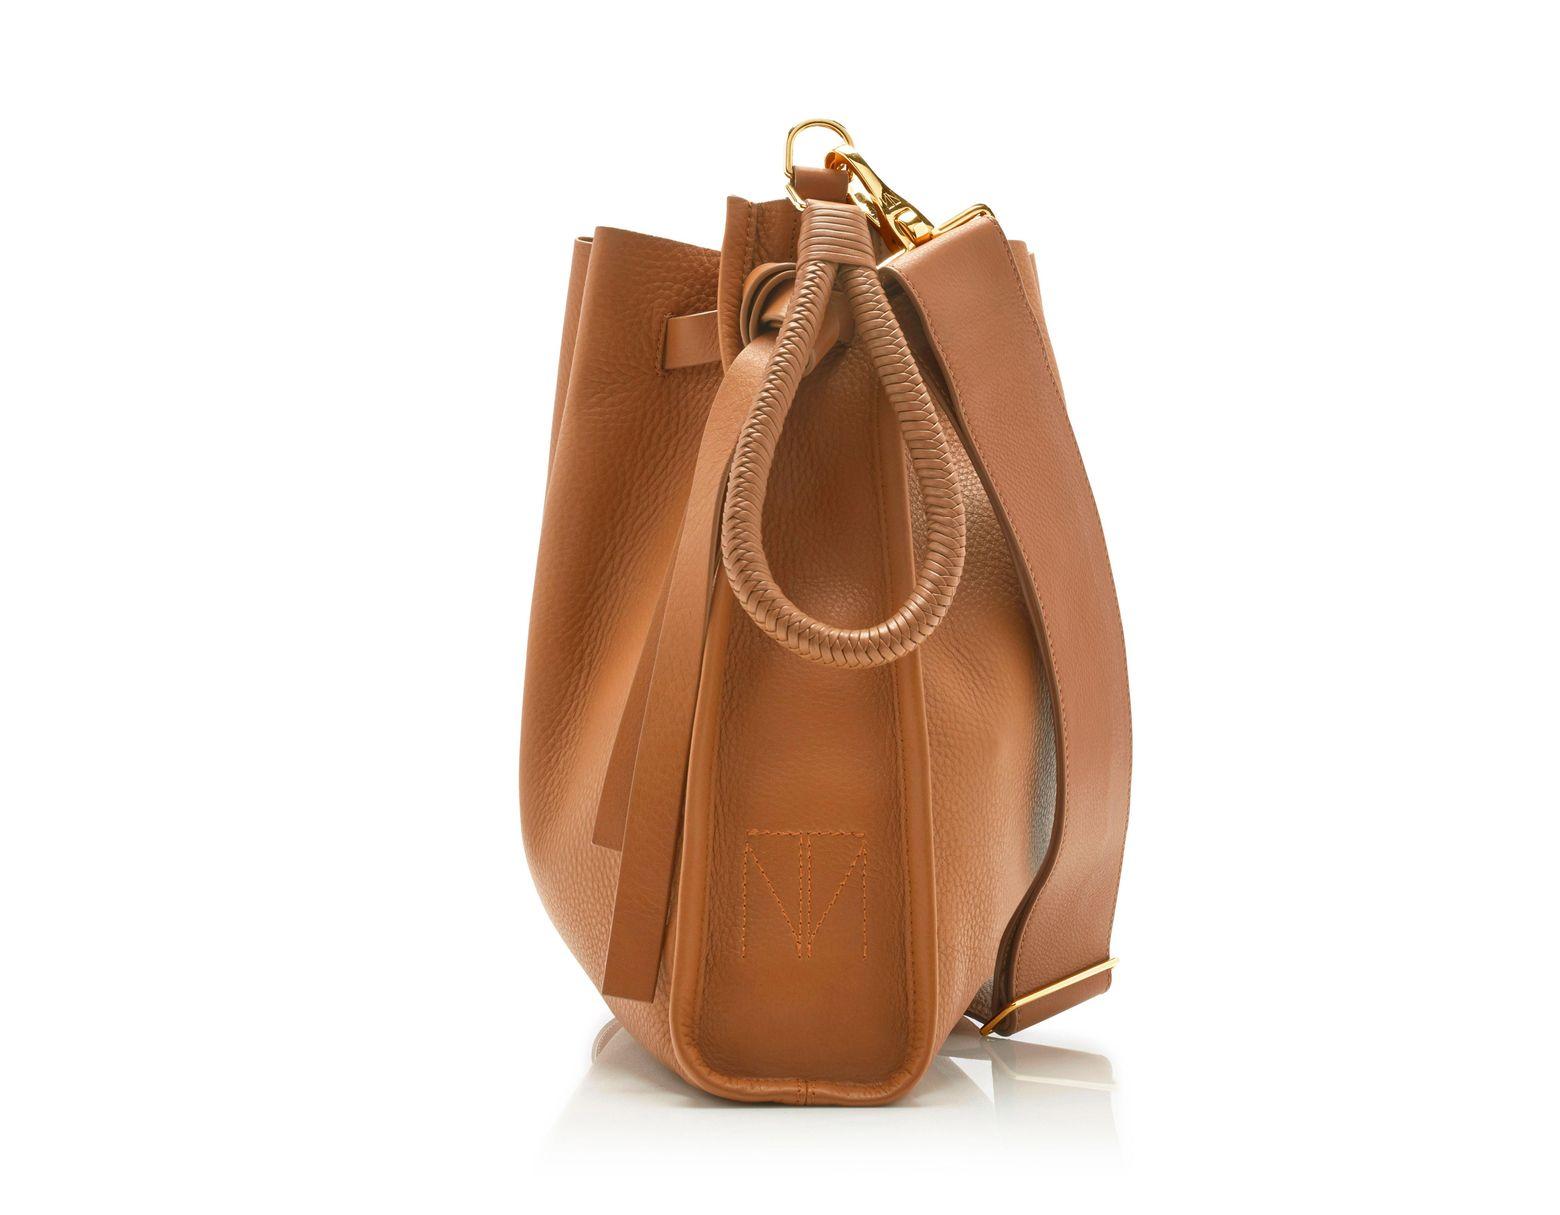 3a3c219883 Tamara Mellon Kiss Bag - Vitello in Brown - Lyst